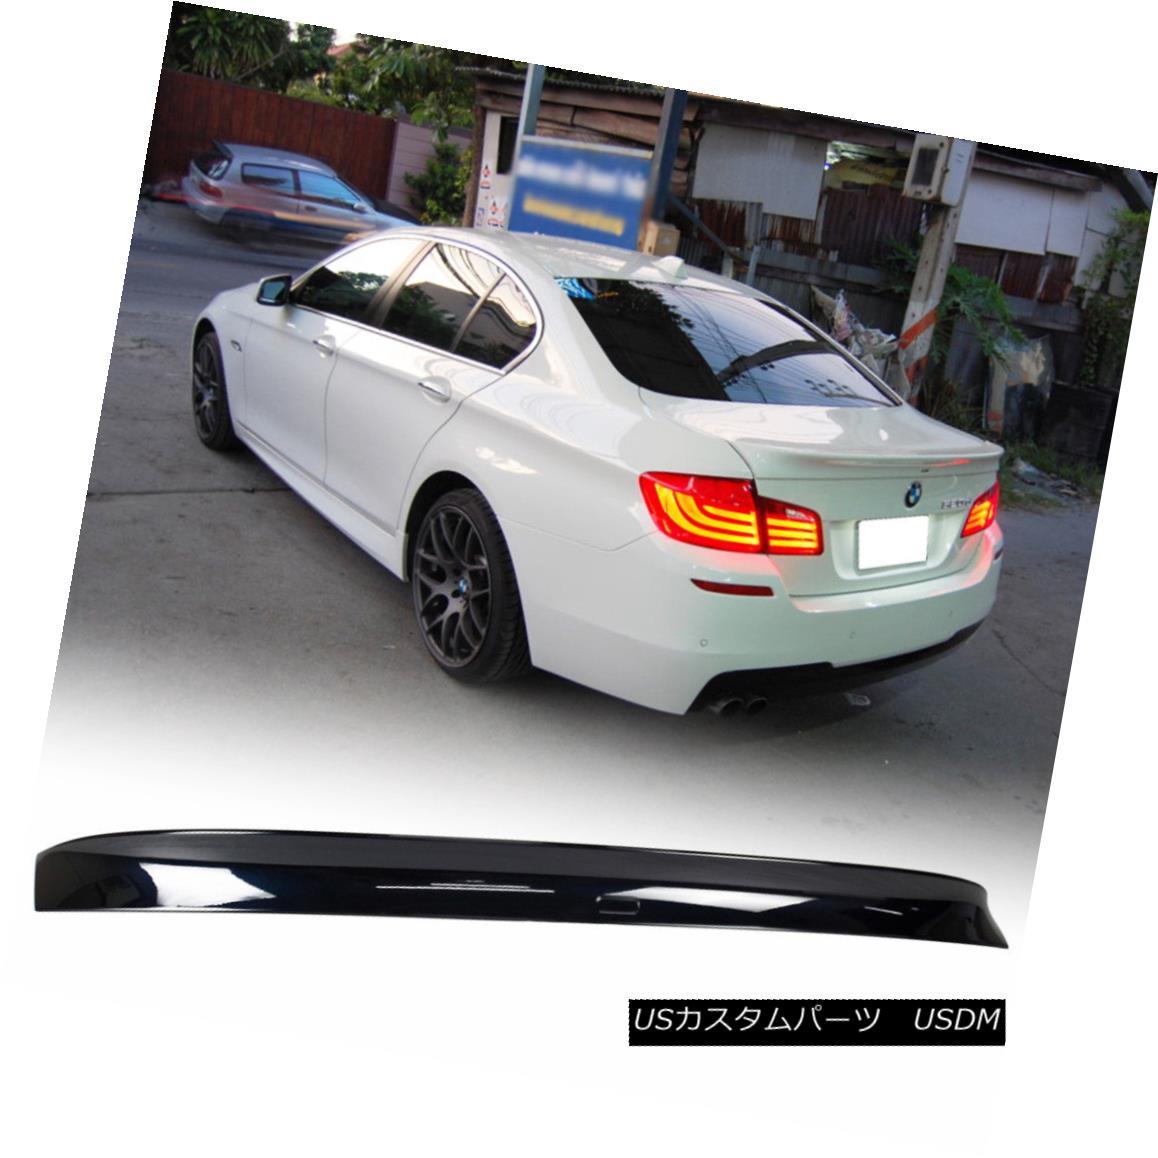 エアロパーツ Fit BMW 5SER F10 M5 Sedan A Look Rear Trunk Spoiler Wing Paint #416 11-16 ABS フィットBMW 5SER F10 M5セダンルックリアトランクスポイラーウイングペイント#416 11-16 ABS